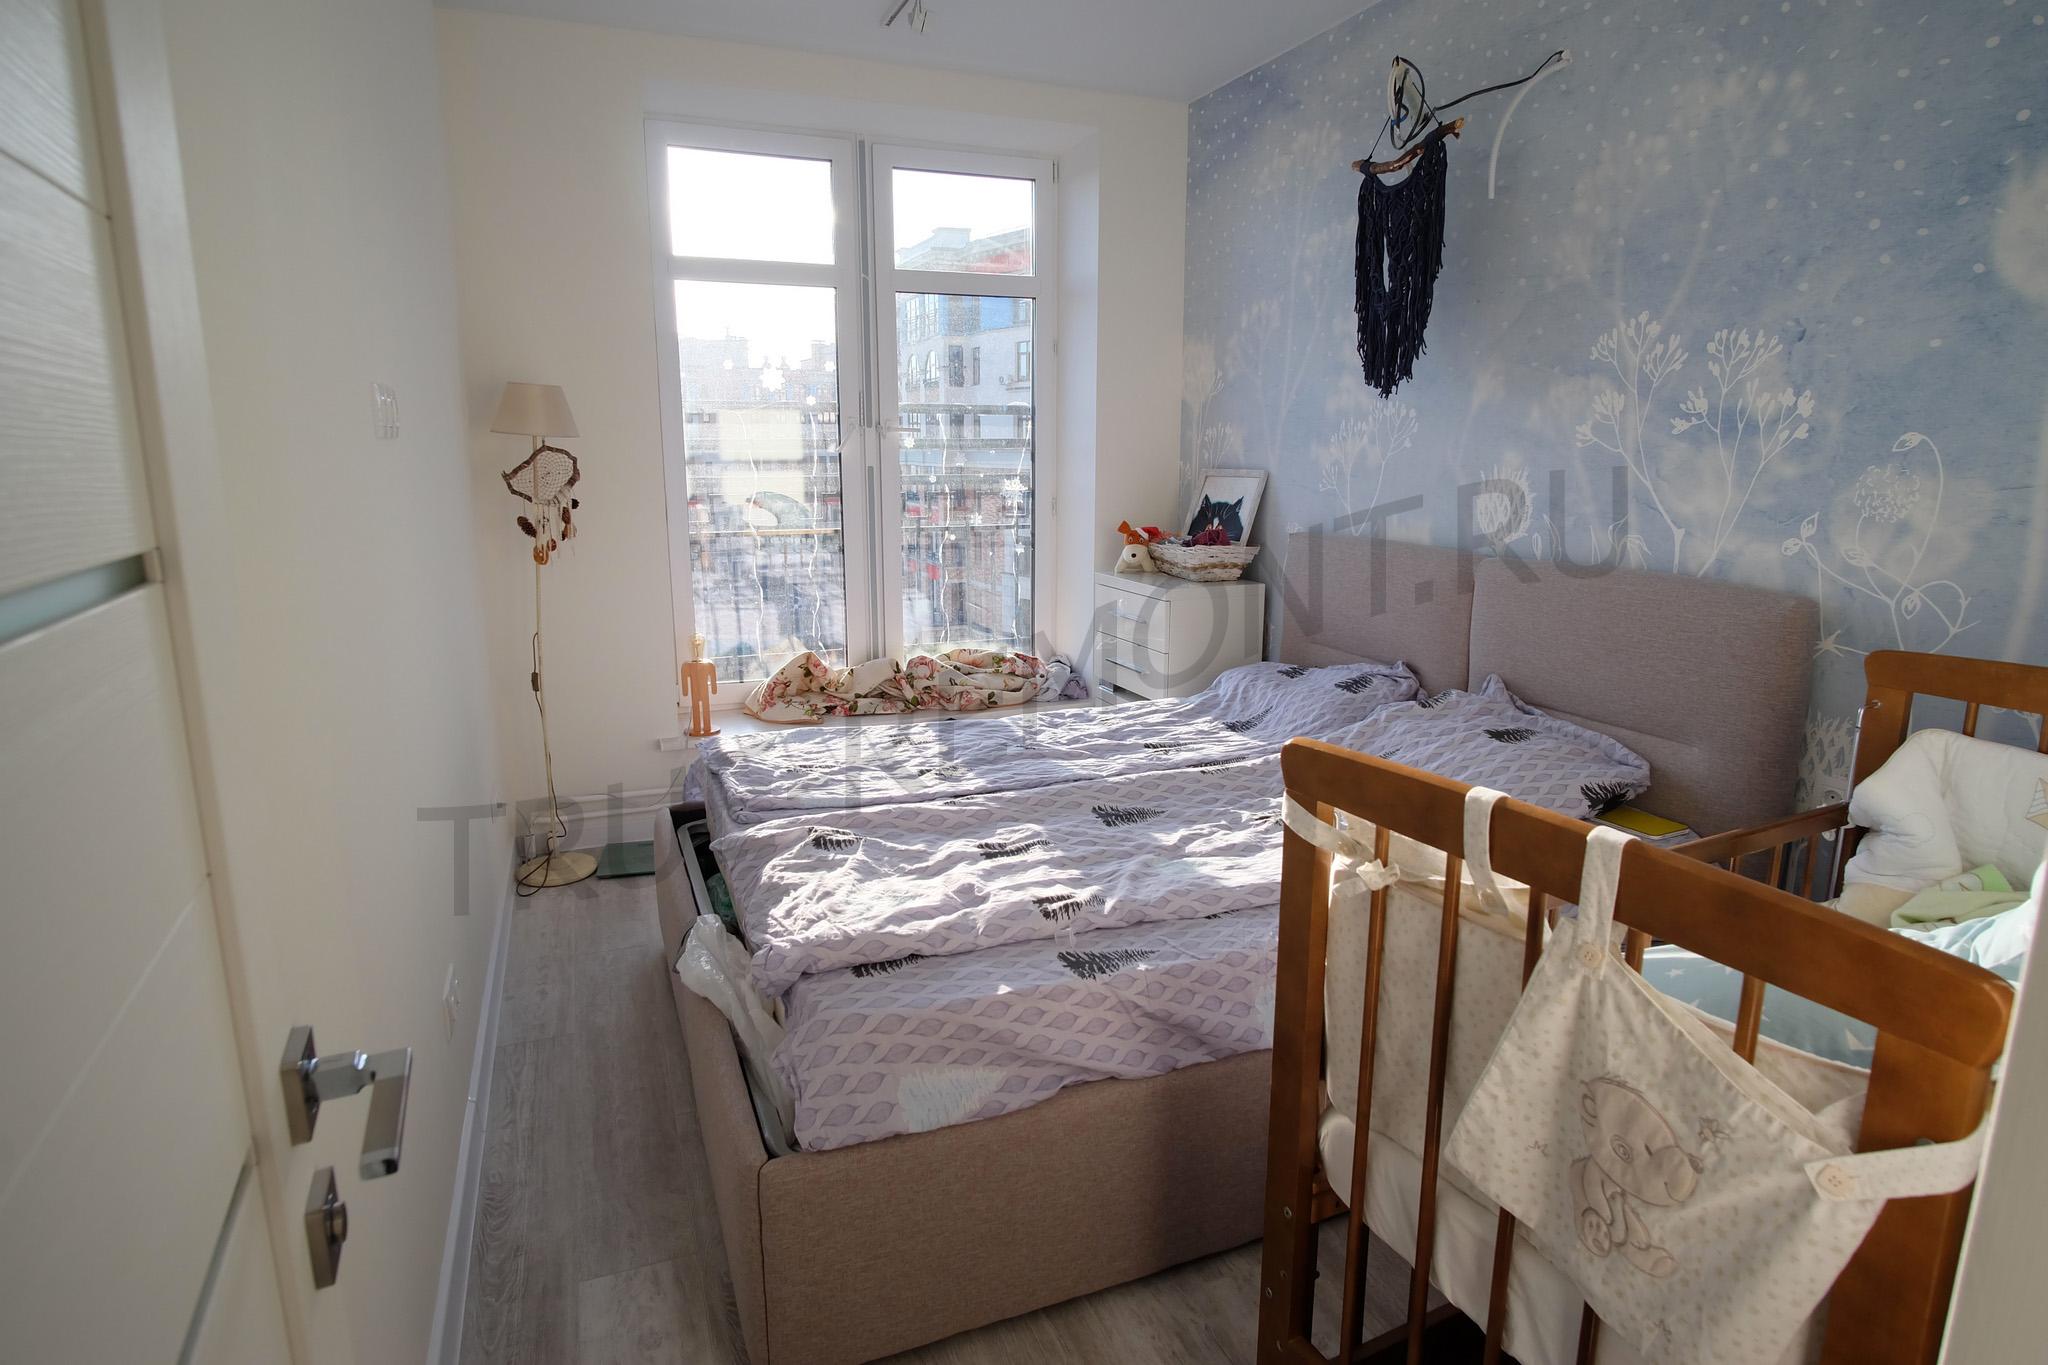 Спальная комната в нежных цветах